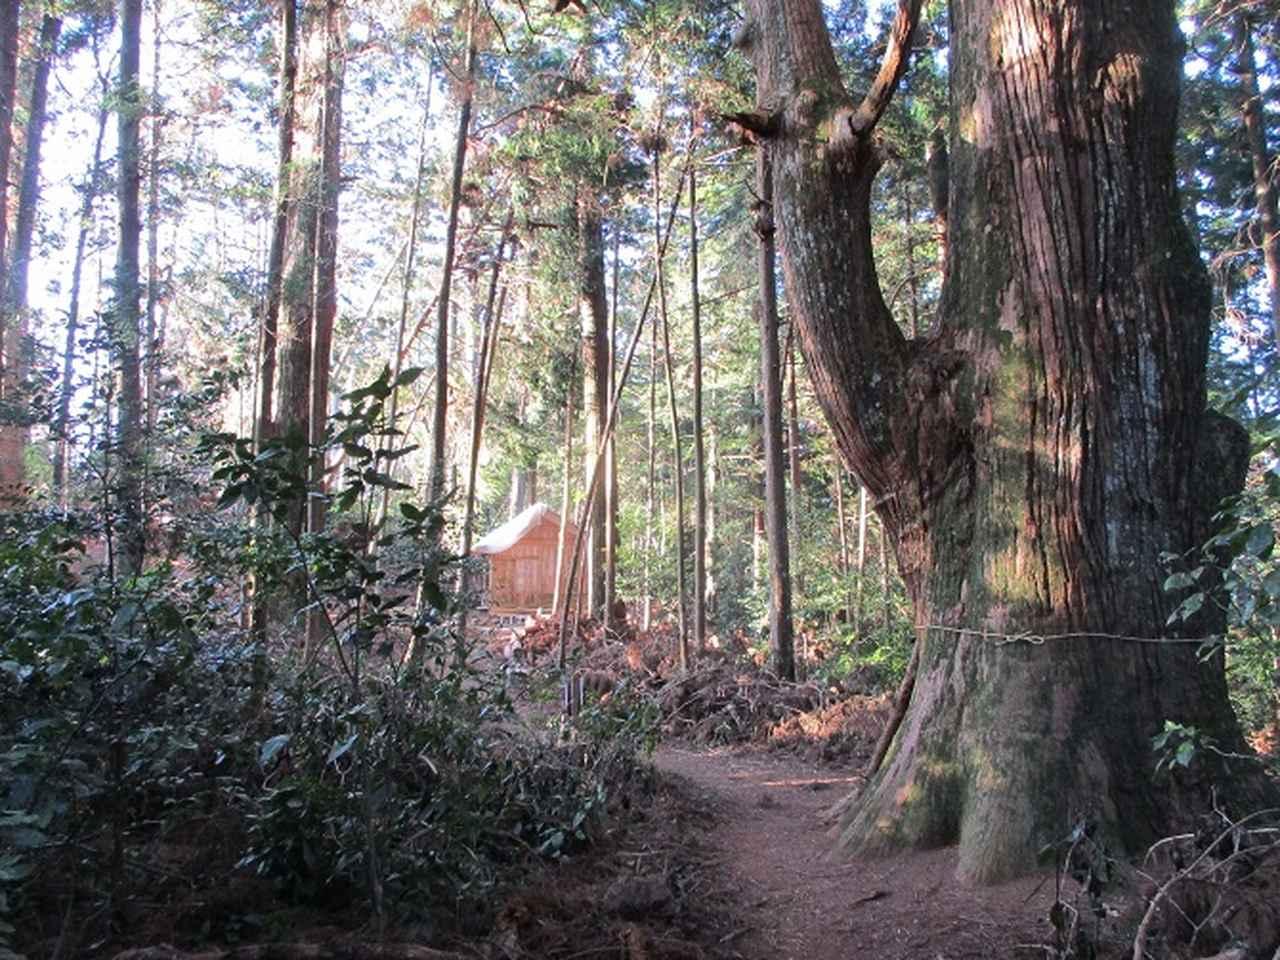 画像9: 【山旅会・登山ガイドこだわりツアー】岡田ガイドからの便り・千葉山ツアーの下見にいってまいりました!